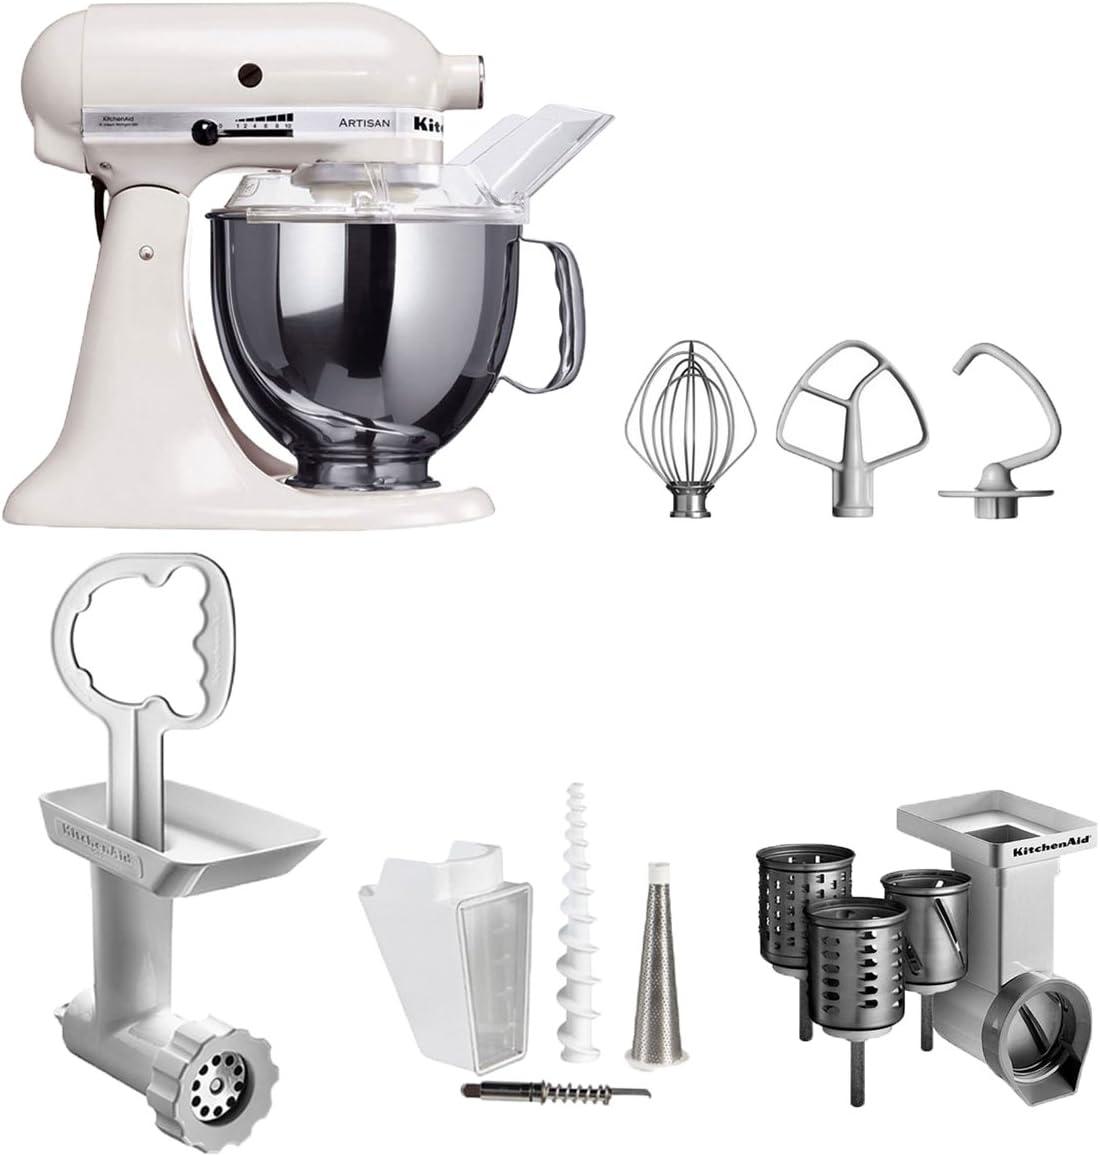 KitchenAid Artisan KSM150PSEWH y FPPC robot de cocina becocell, 3 teilig Set, White: Amazon.es: Hogar